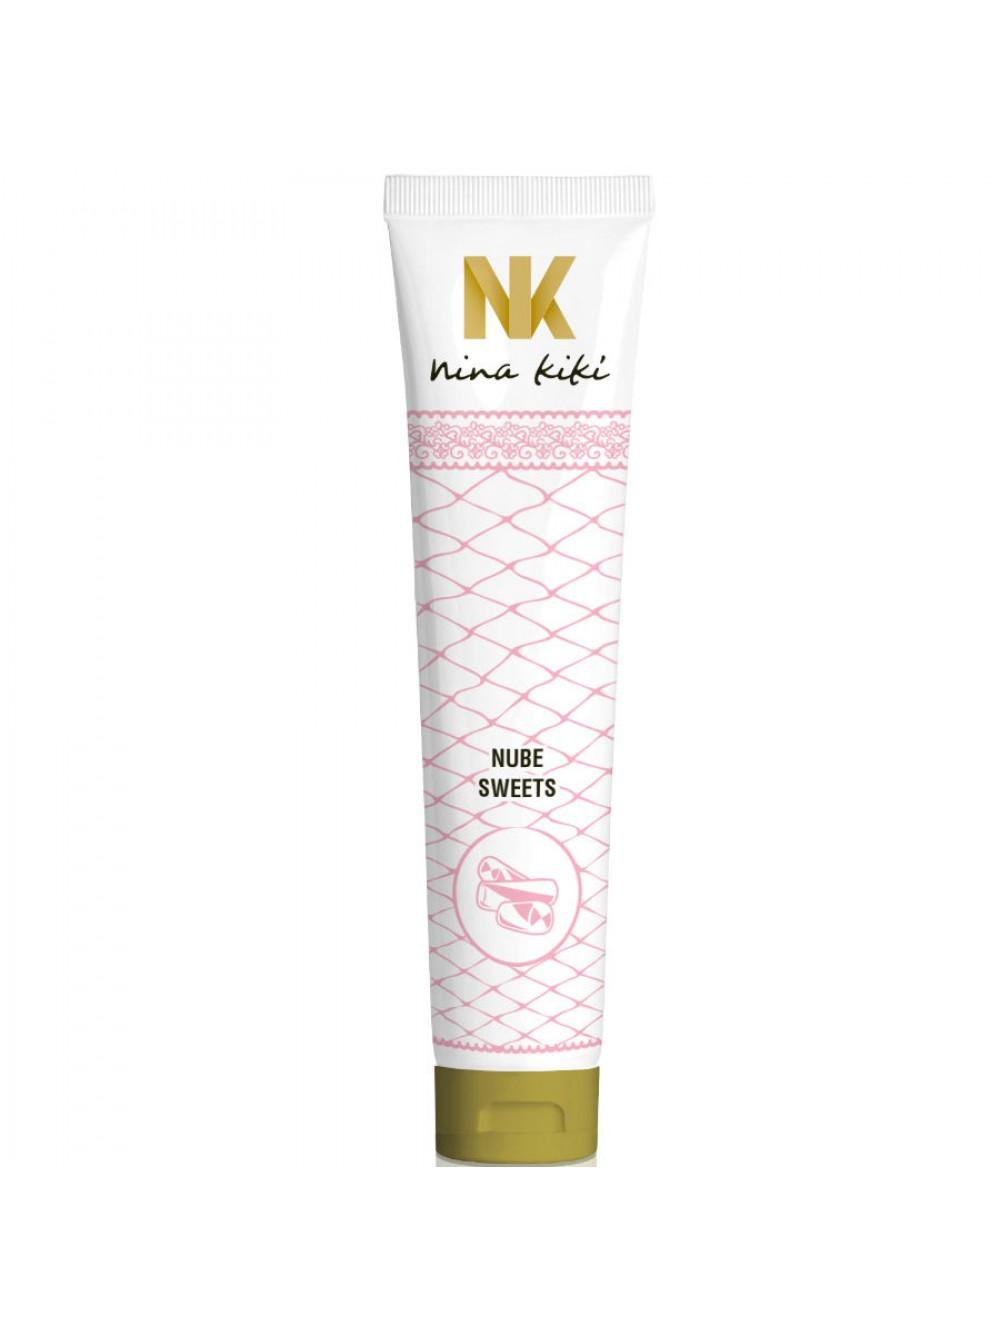 NINA KIKI NUBE SWEETS LUBRICANT 125 ML 8425402155417